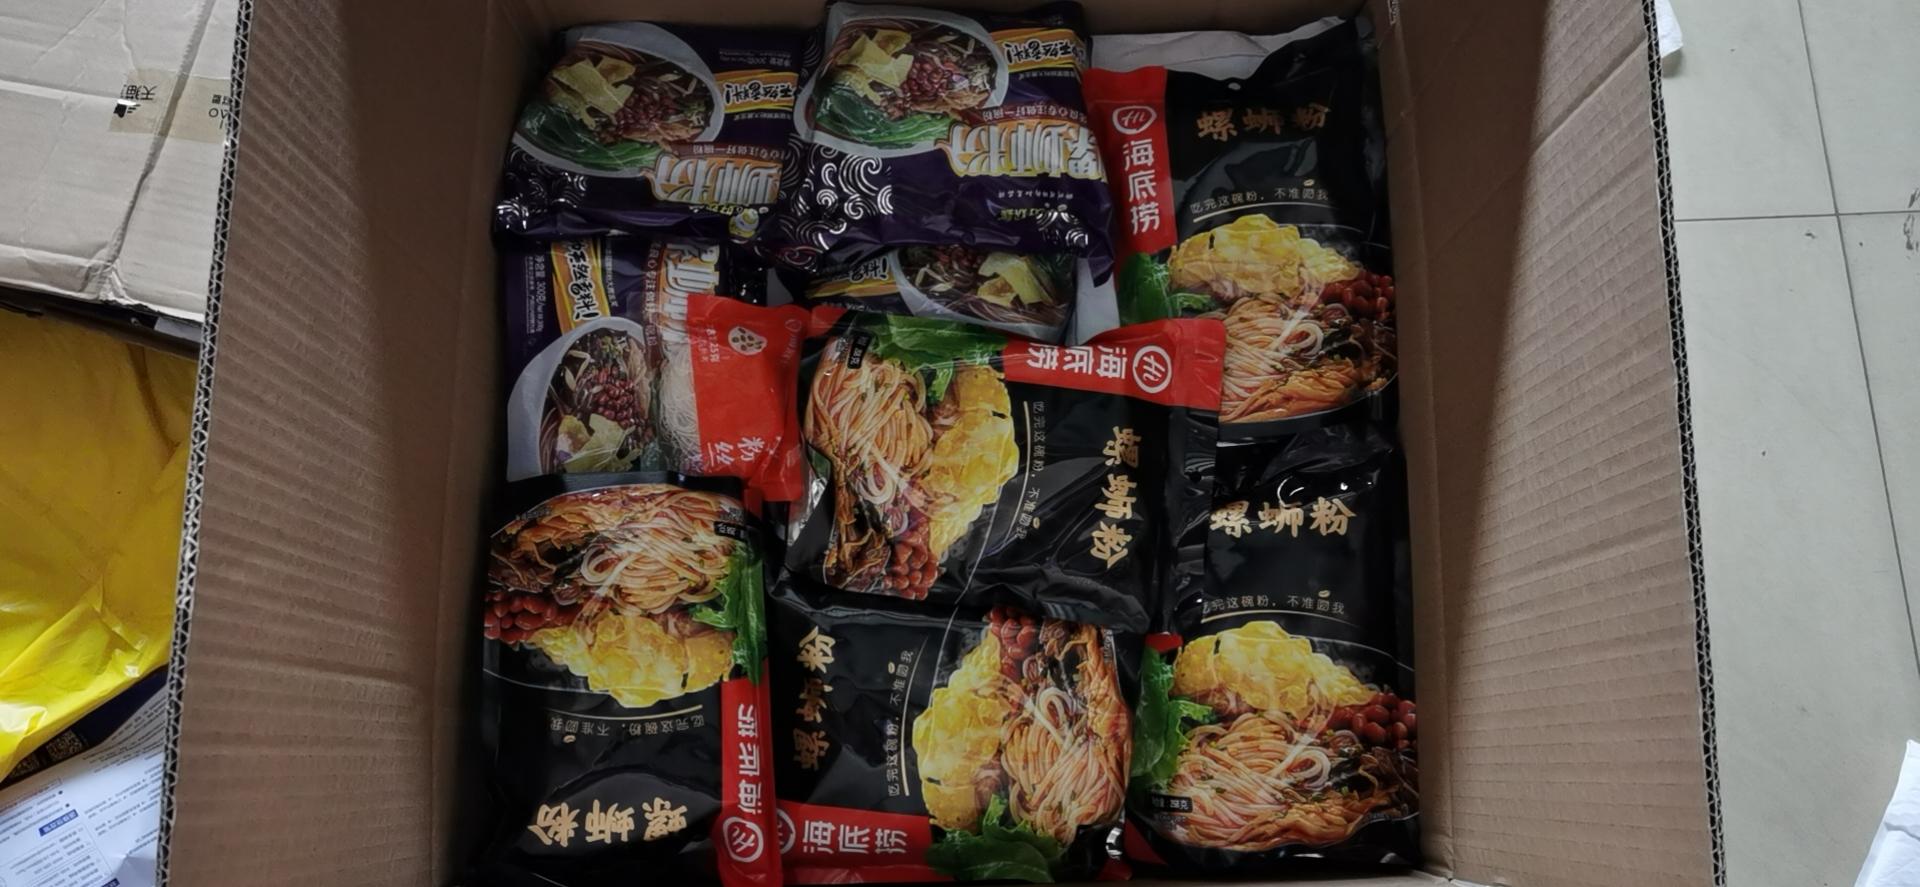 日本快递公司淘宝10年老店从中国发日本-快递EMS折扣最低_交易流程全程服务